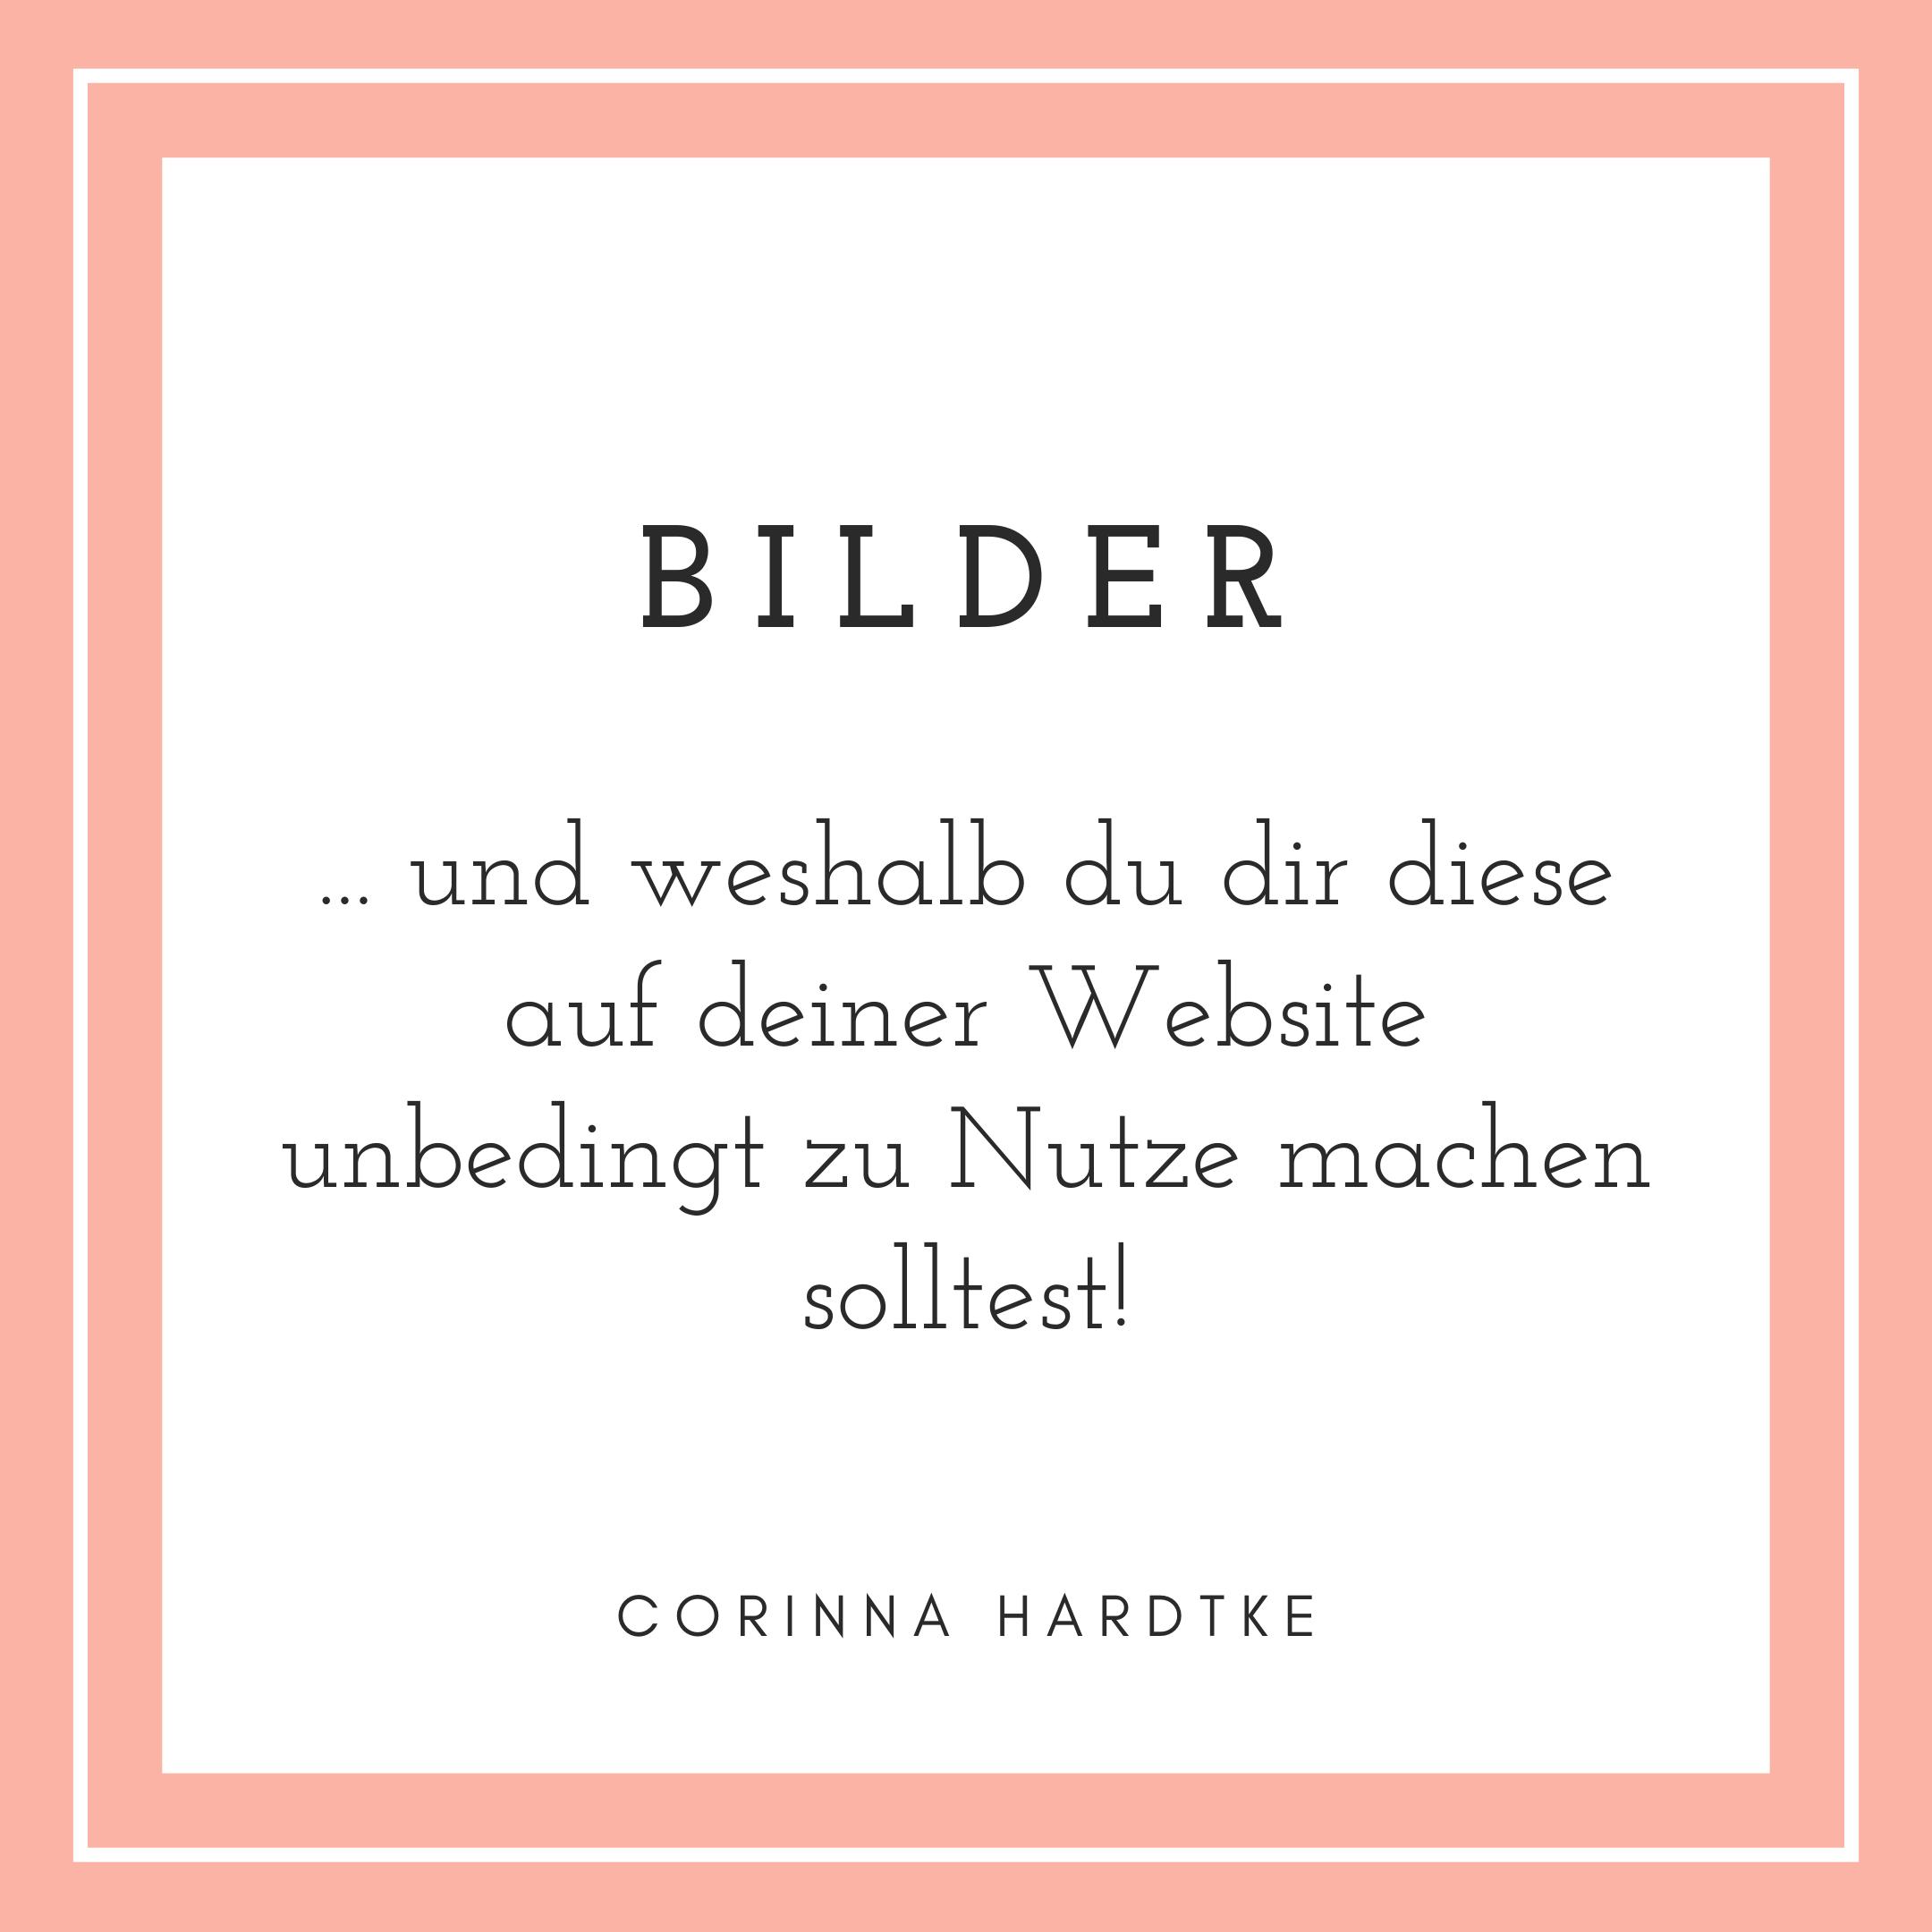 Blog Bilder Corinna Hardtke